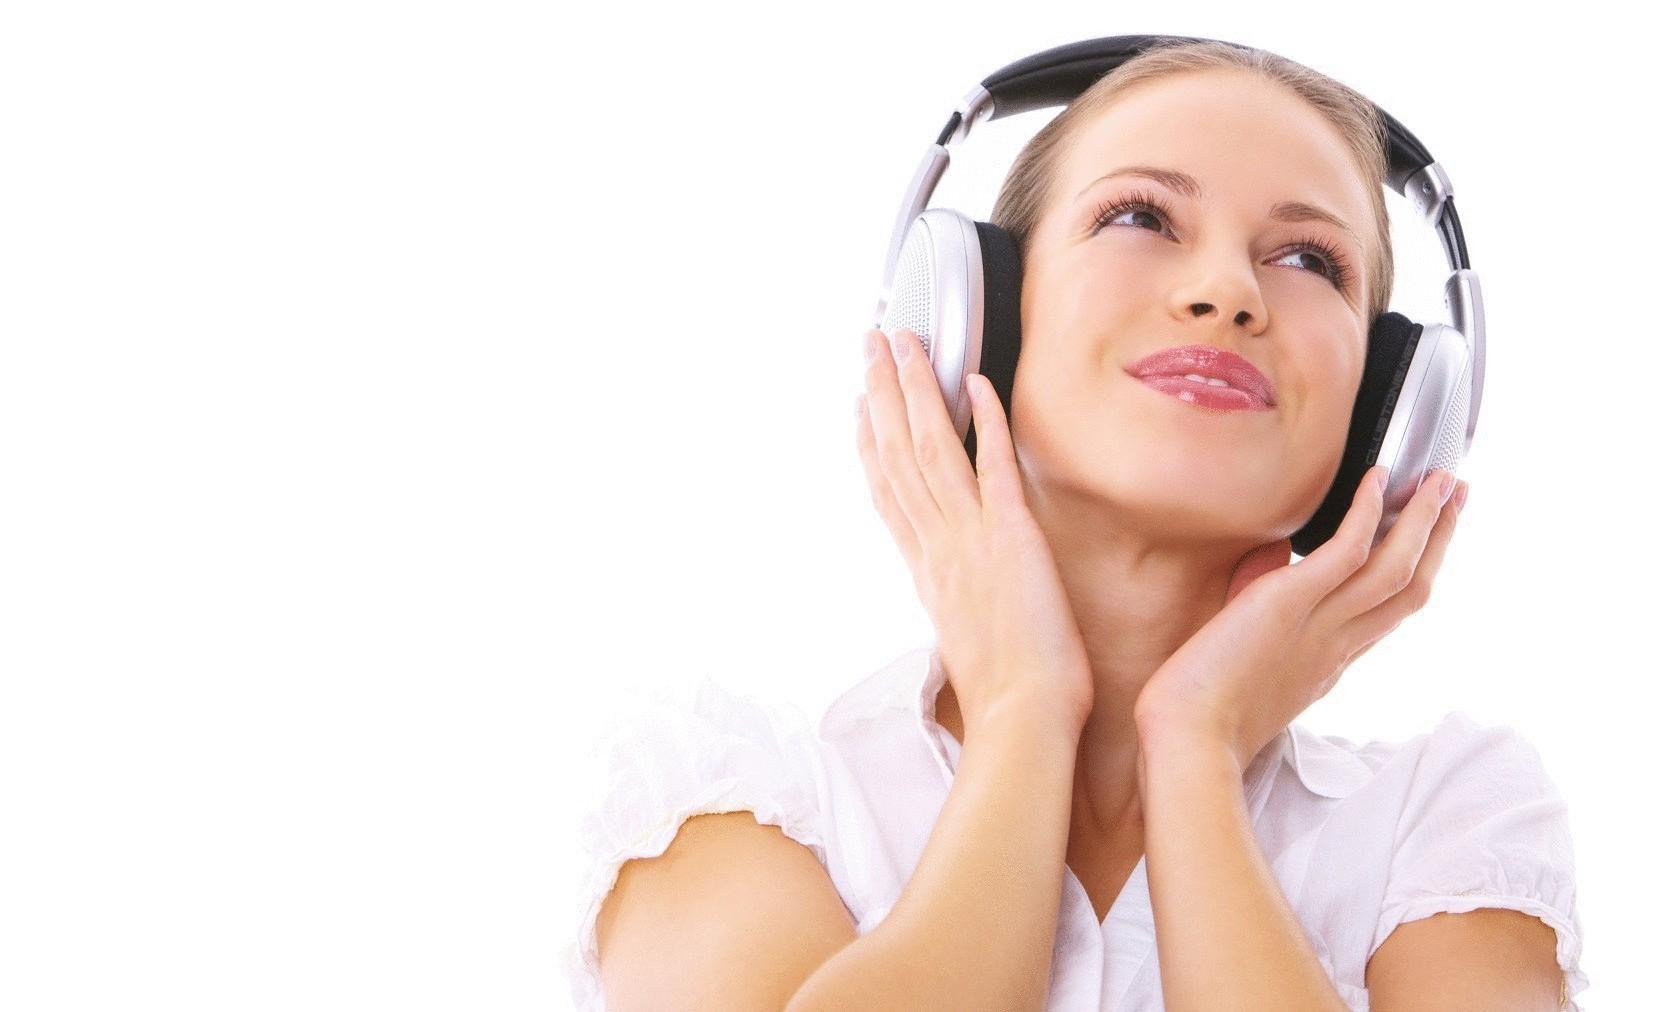 слушать русскую музыку онлайн 2014 зарубежные